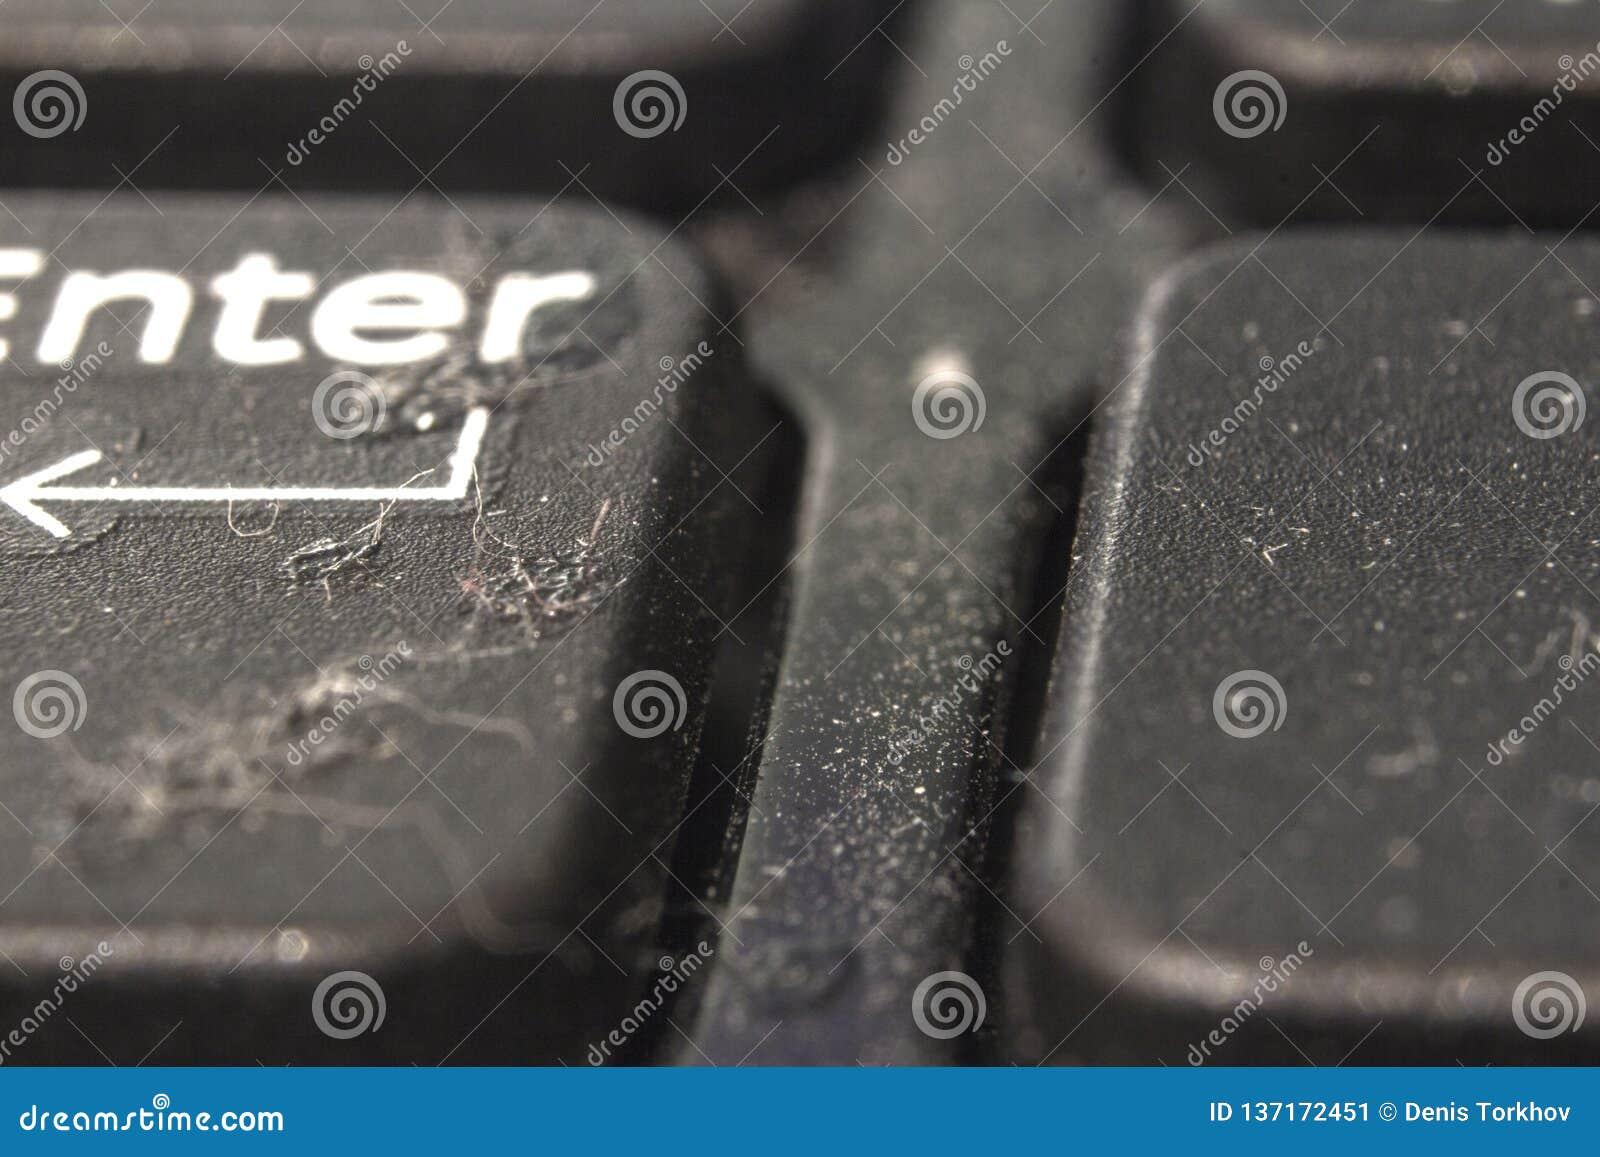 Brud i pył na laptopów guzikach Zakończenie plecy i przedpole zamazujemy